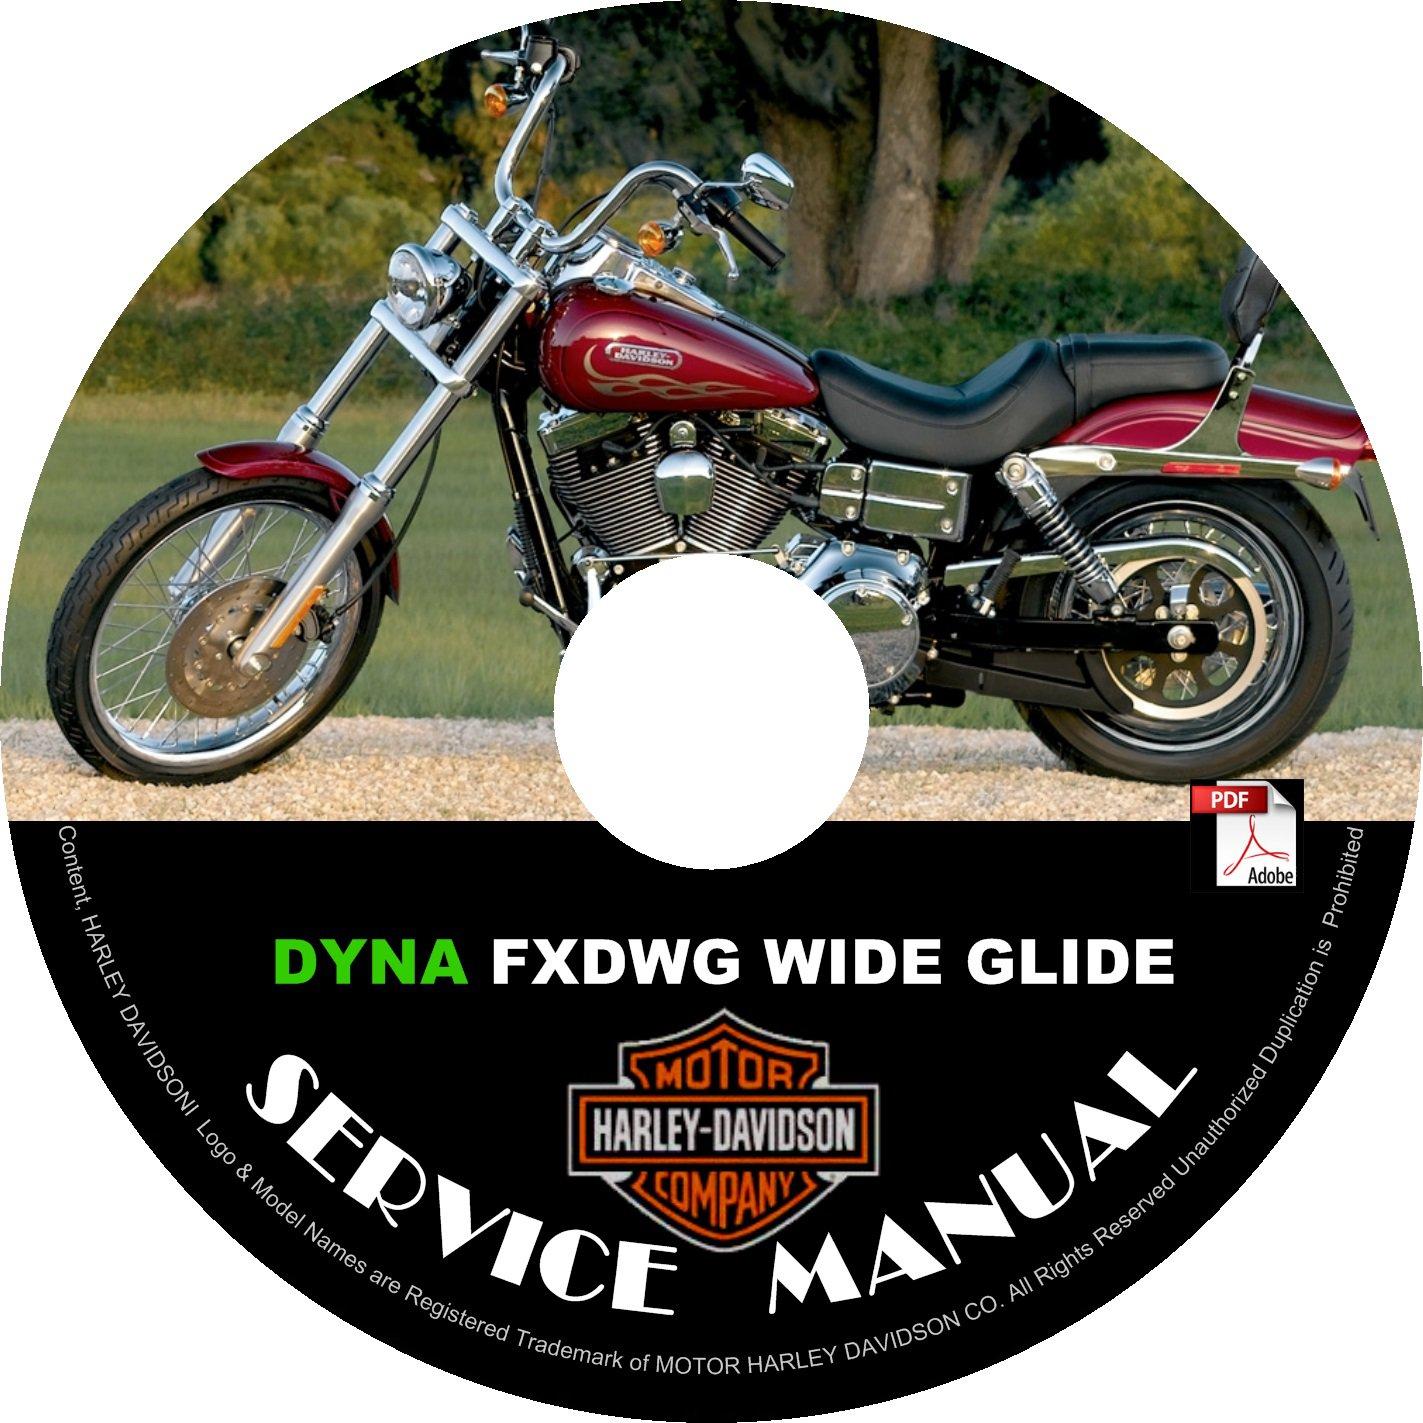 2003 Harley Davidson DYNA FXDWG Wide Glide Service Repair Shop Manual on CD '03 Fix Rebuild Workshop